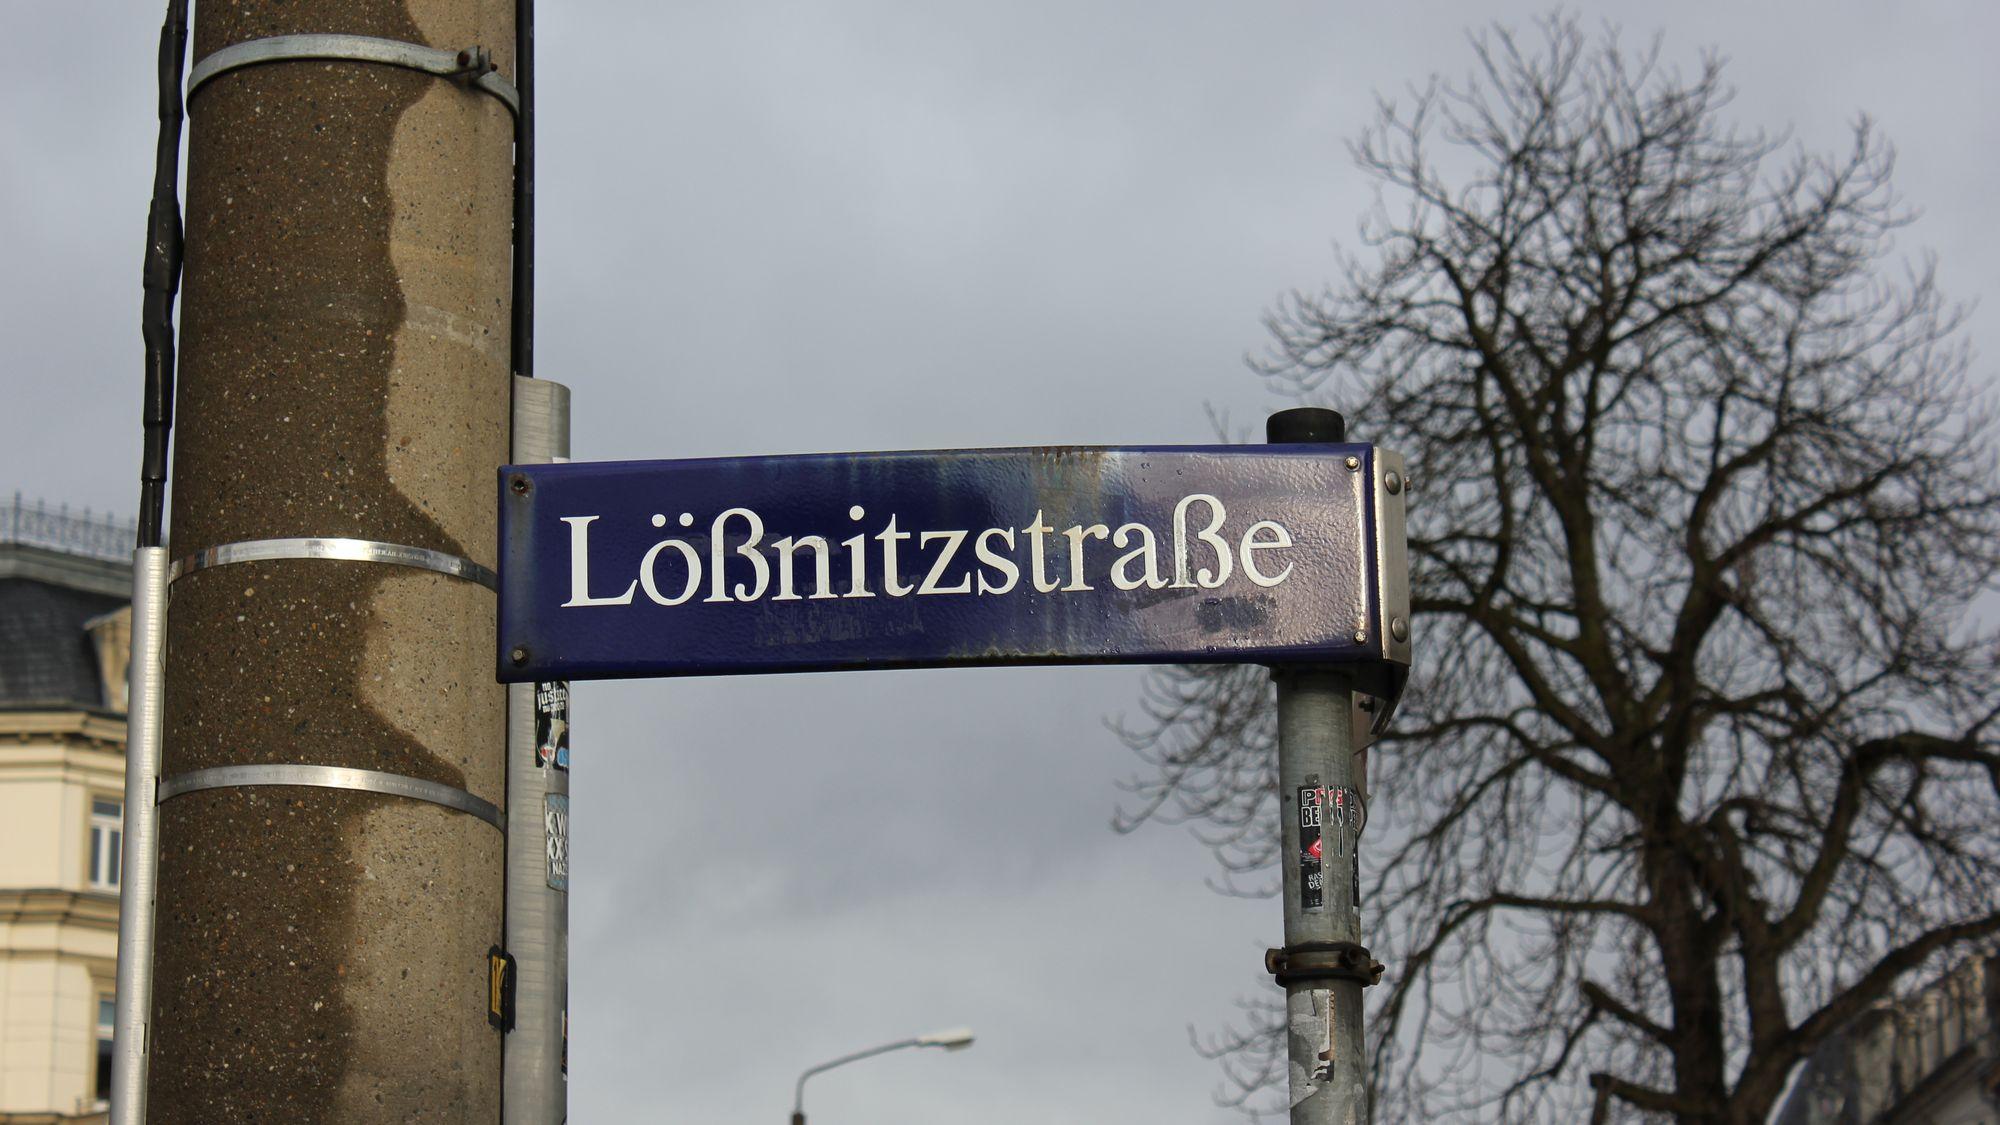 Die Lößnitzstraße trägt ihren Namen seit 1842 nach den einstigen Ortschaften Ober- und Unterlößnitz